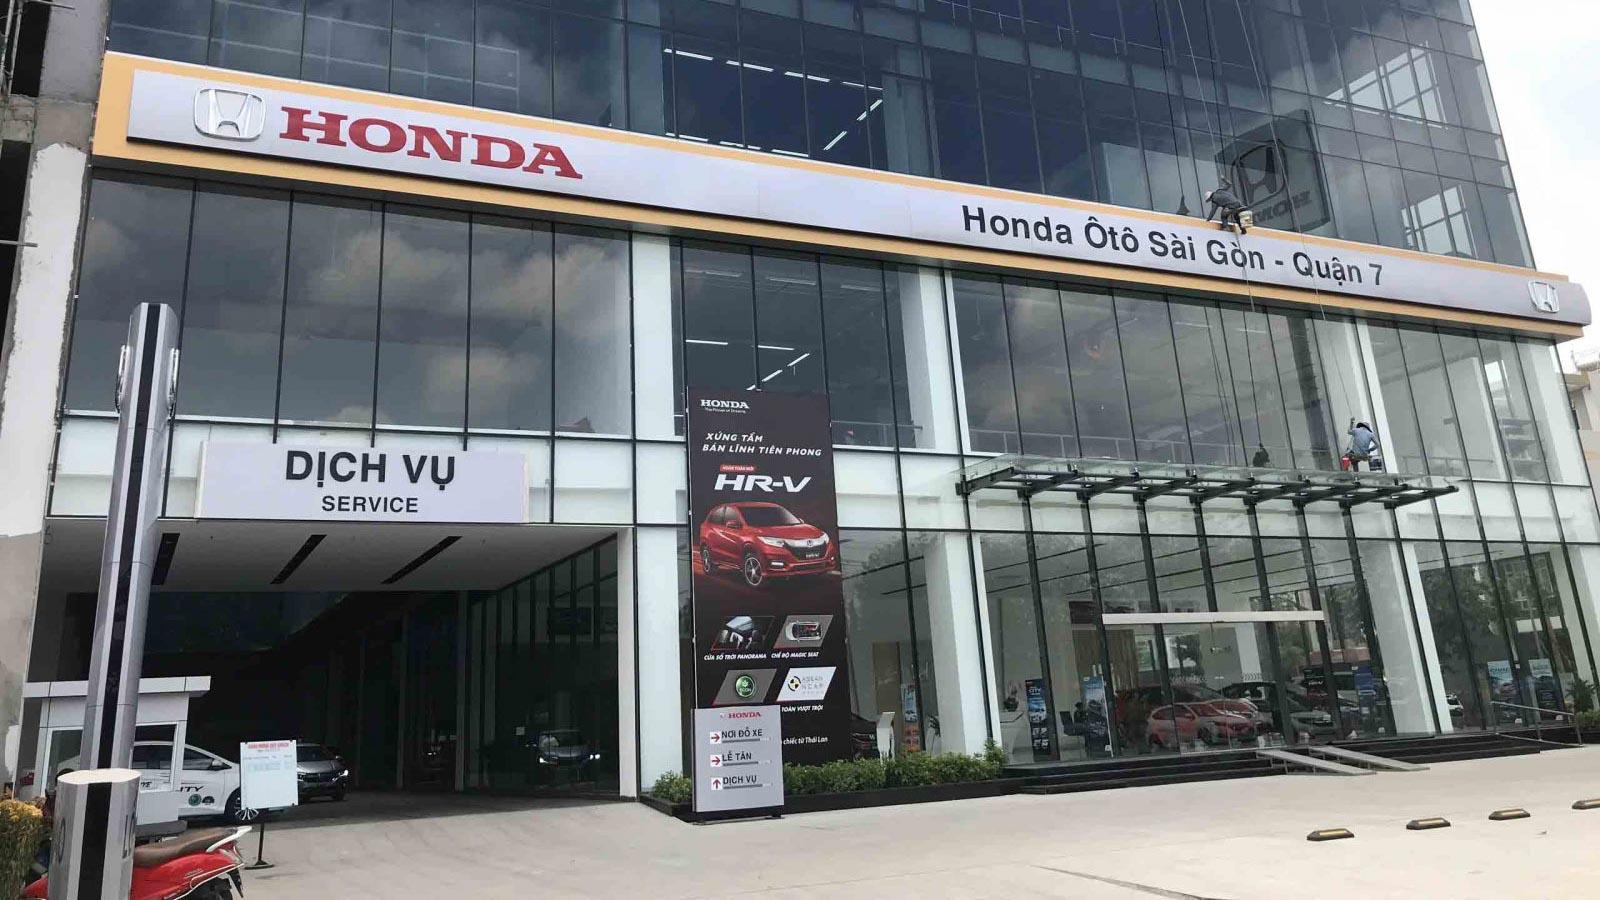 Honda Ôtô Sài Gòn Quận 7